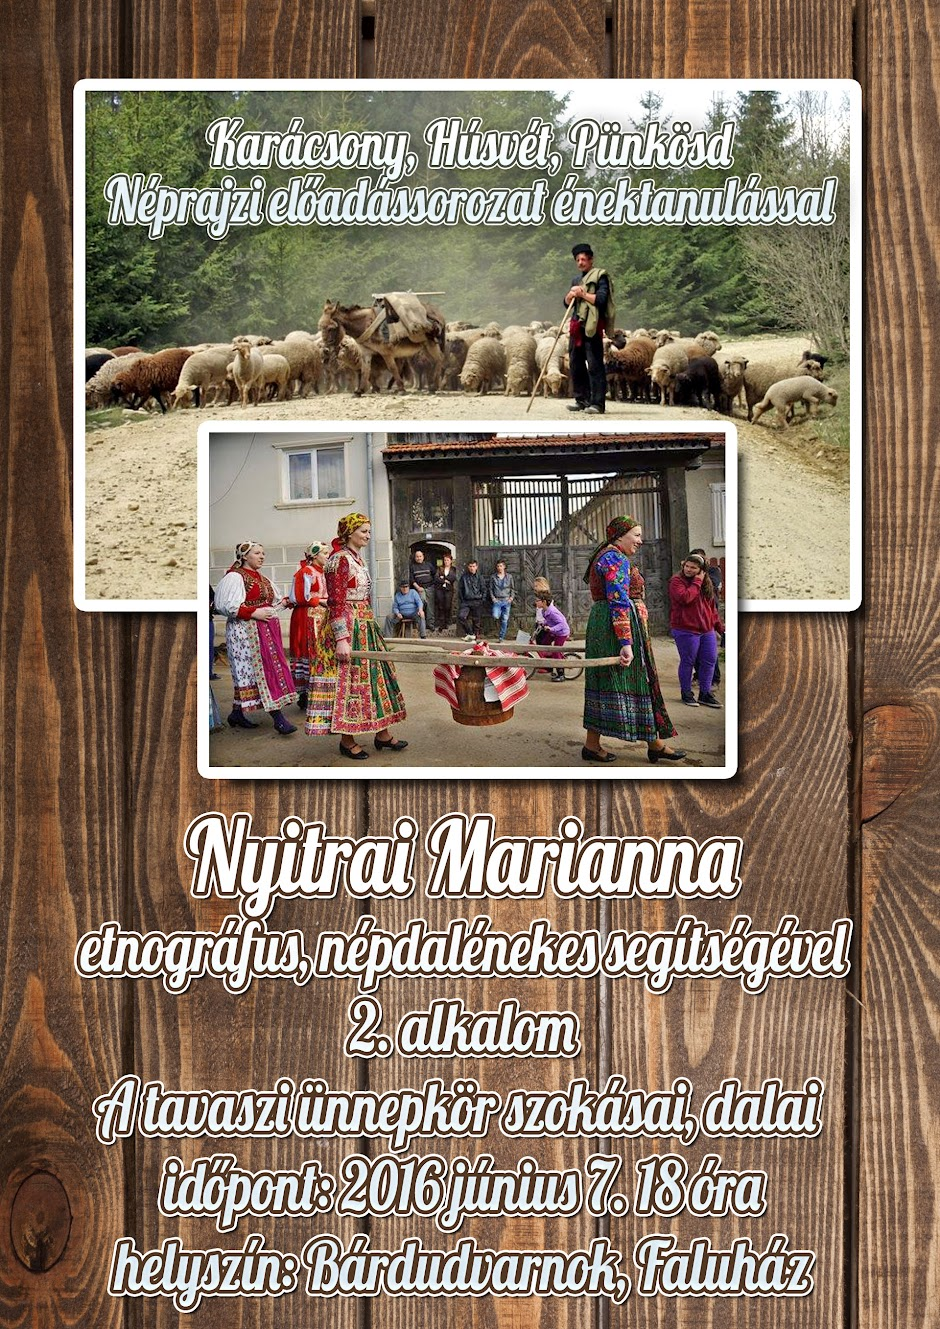 Néprajzi előadássorozat énektanulással Nyitrai Marianna etnográfus